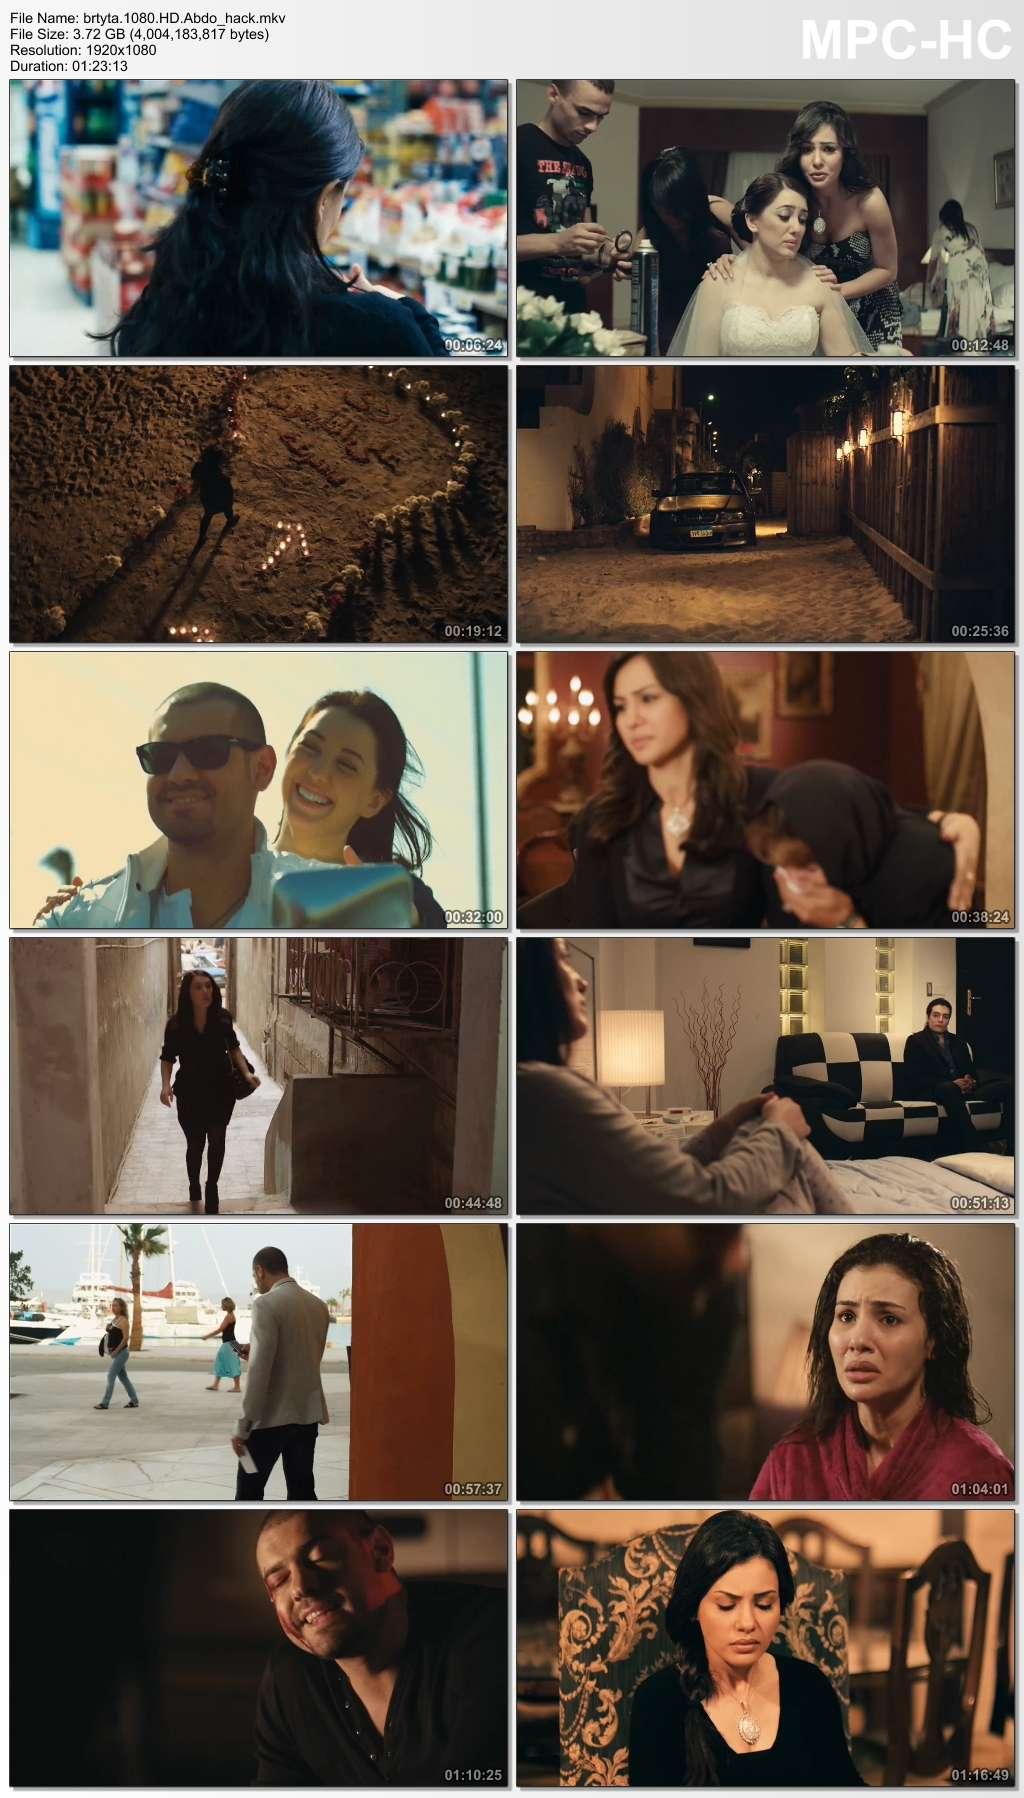 [فيلم][تورنت][تحميل][برتيتا][2011][1080p][Web-DL] 6 arabp2p.com